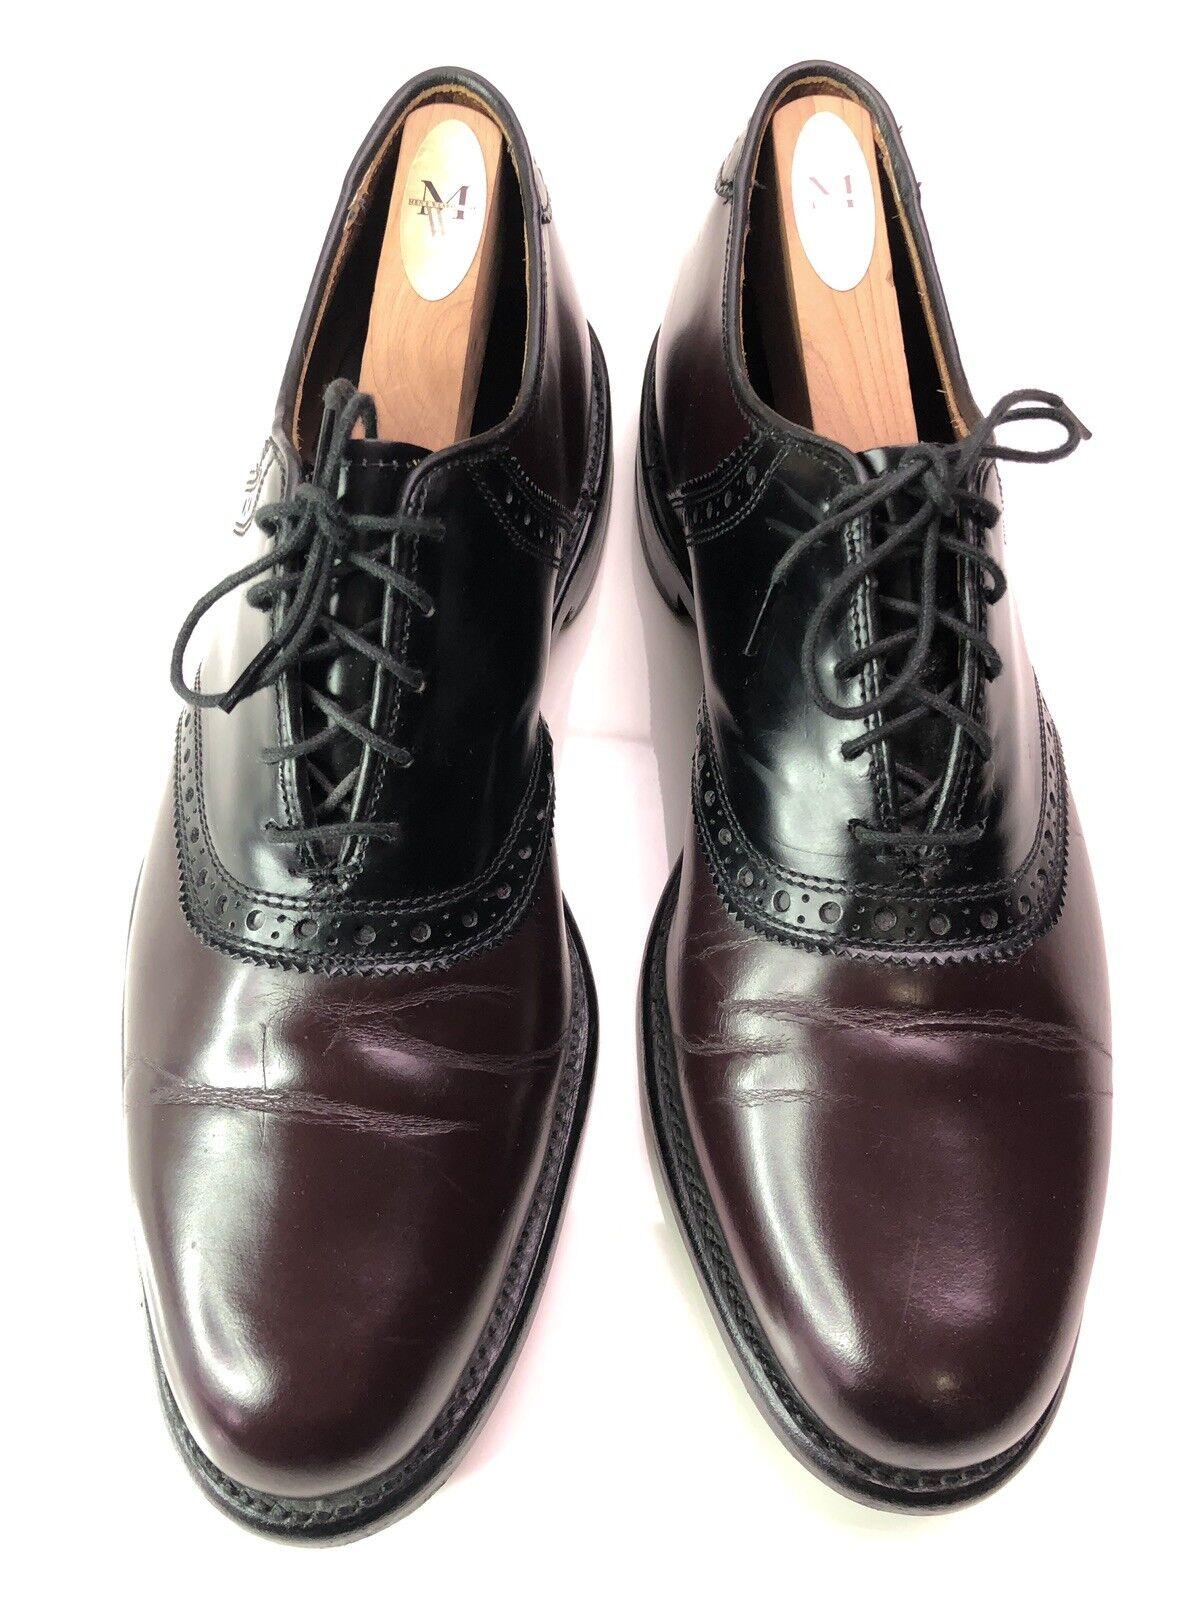 negozio d'offerta Allen Edmonds Shelton Uomo scarpe Burgundy Burgundy Burgundy nero Oxfords Lace Up Dimensione 9.5  spedizione gratuita